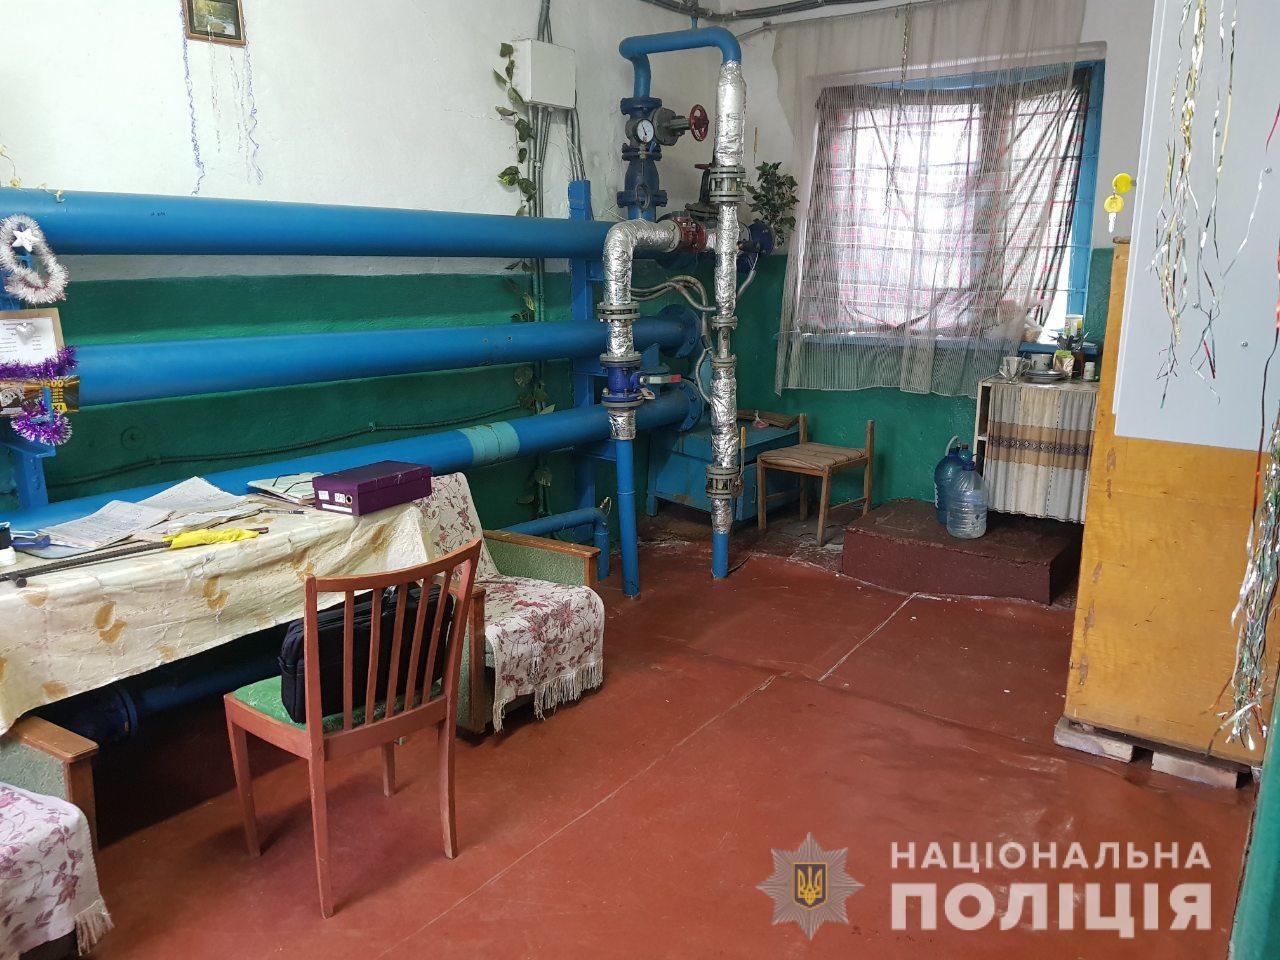 Спустя пять часов пыток и избиения, насильник оставил женщину в помещении котельной и скрылся